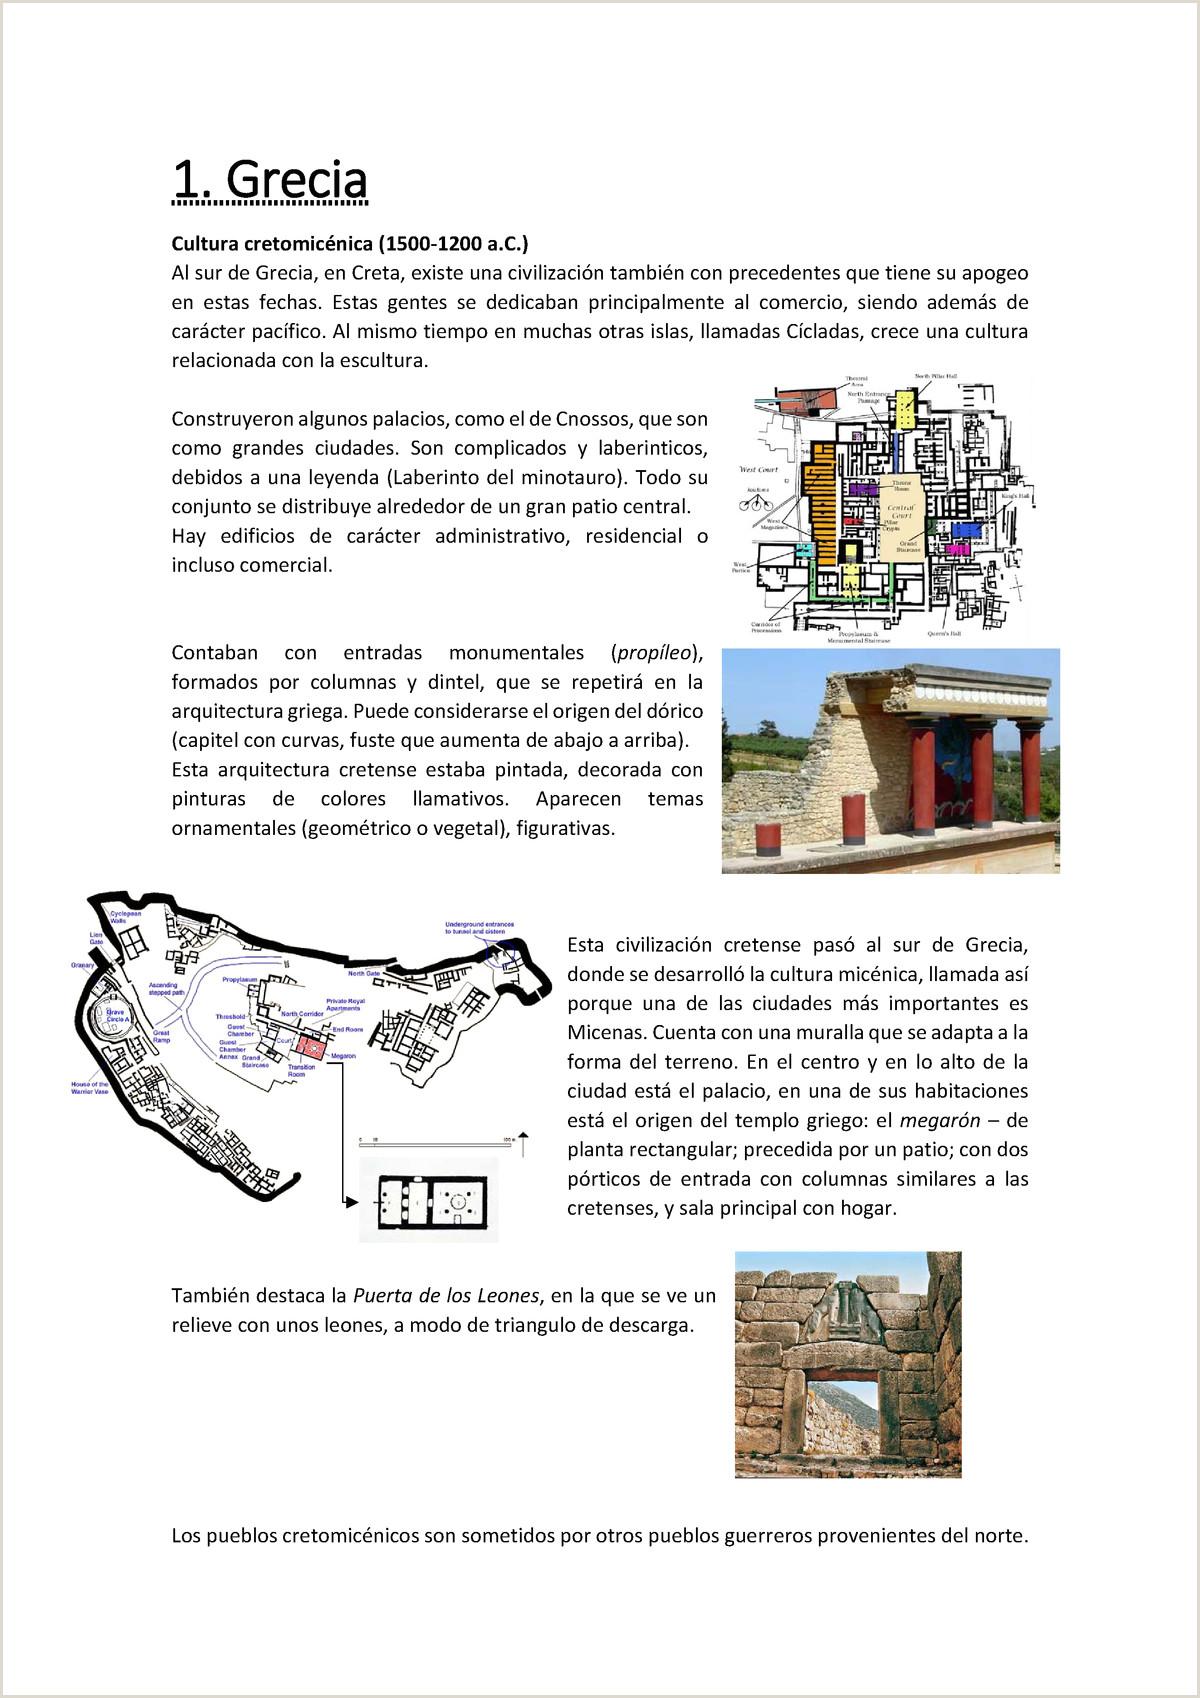 Formato De Hoja De Vida Minerva Sencilla Para Descargar Temas 1 8 Prof Mª Jesºs Callejo Con Imágenes